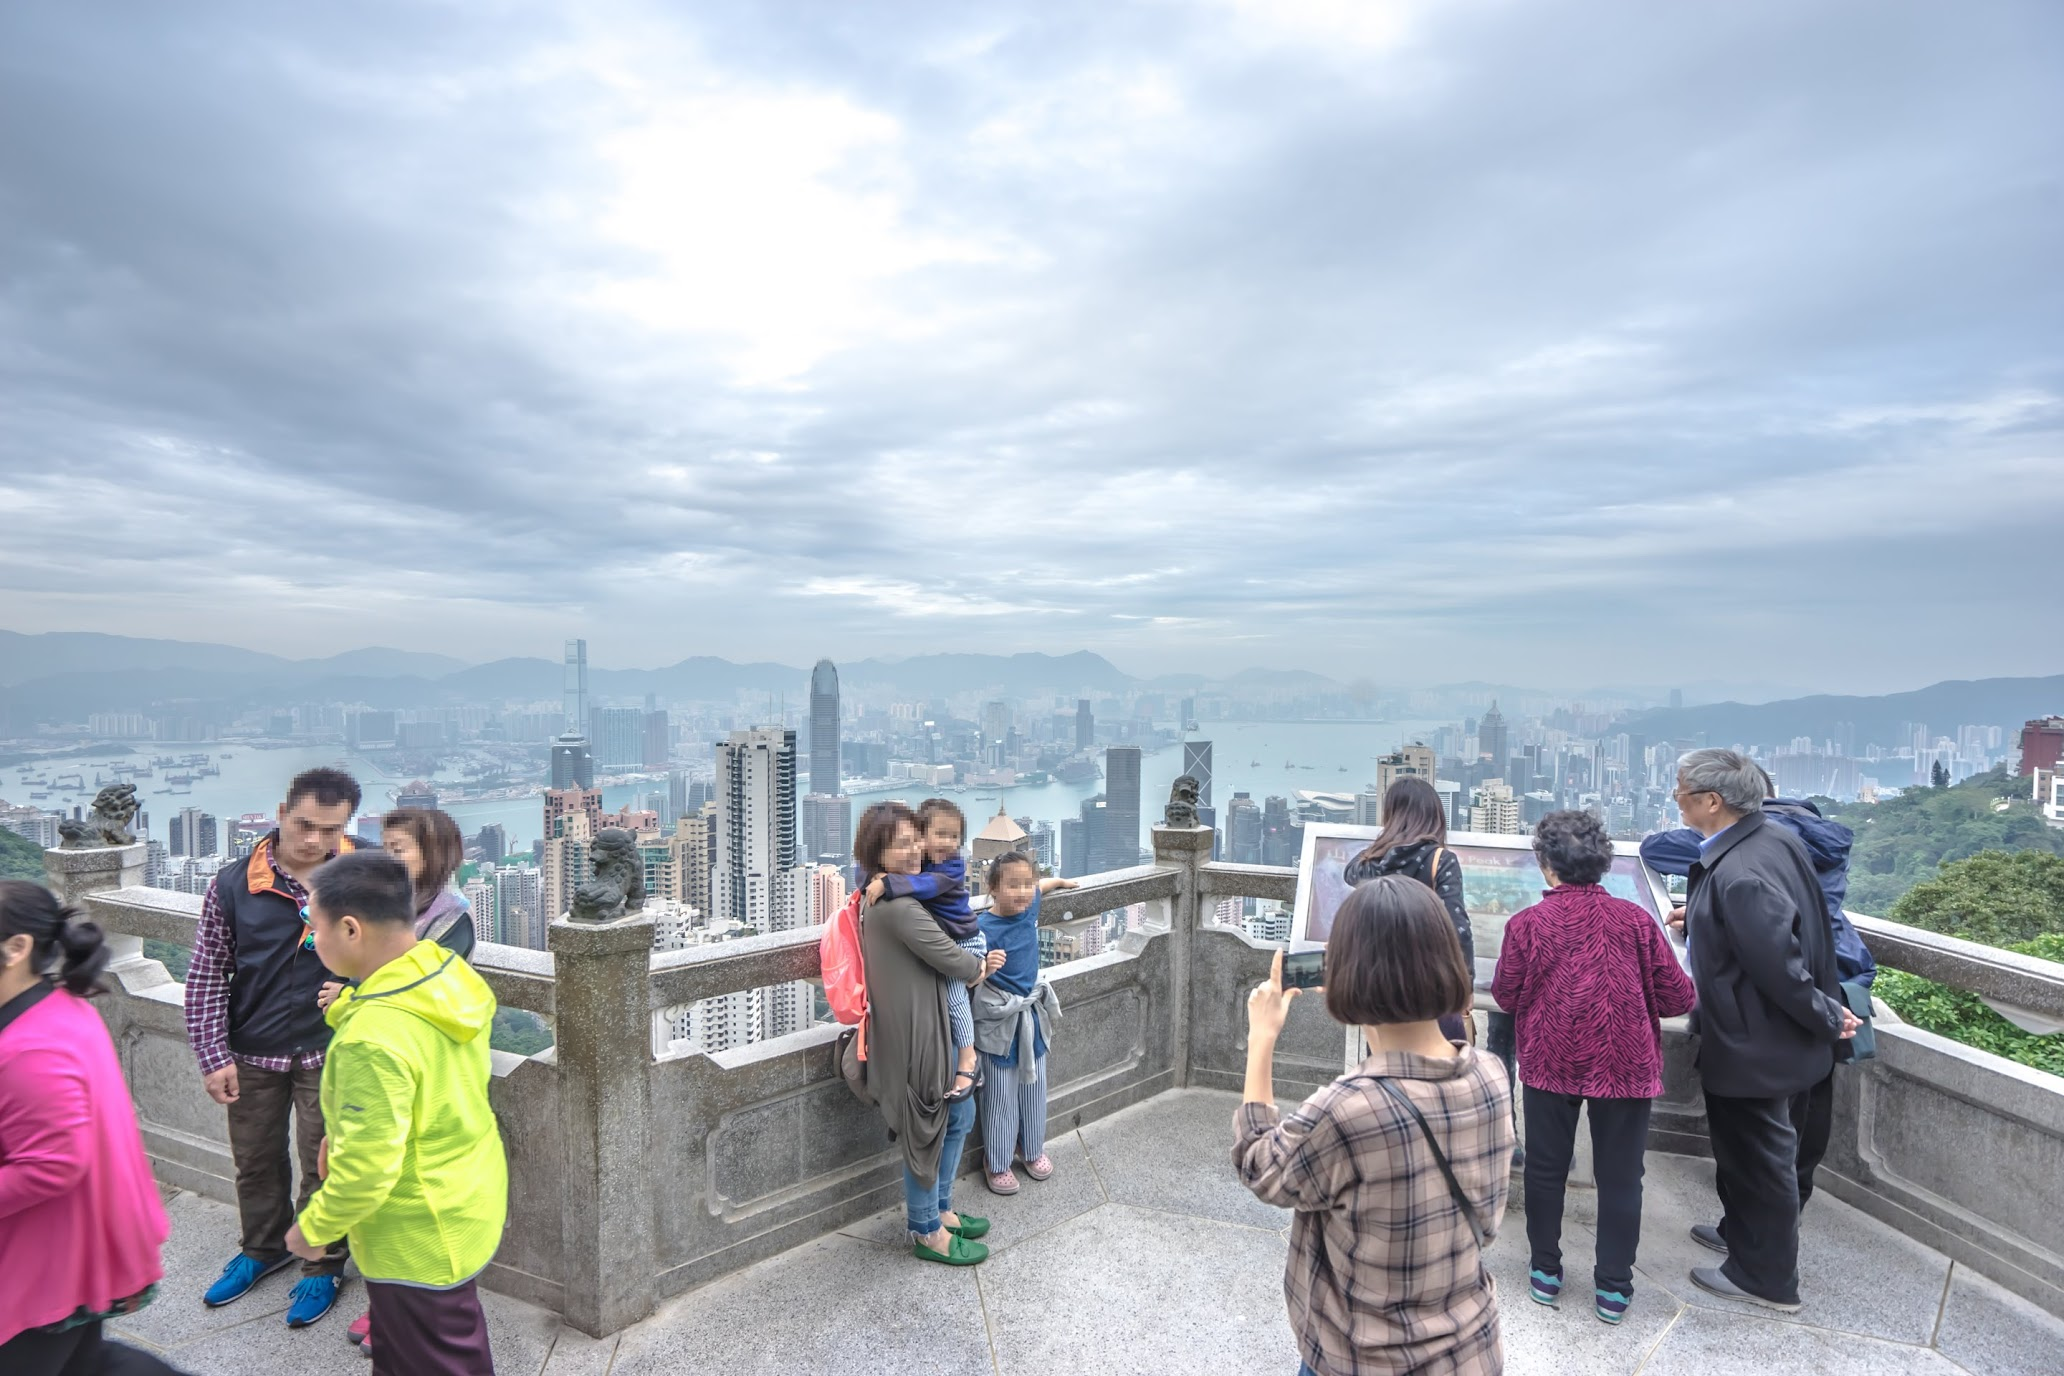 香港 ビクトリア・ピーク 獅子亭展望台1